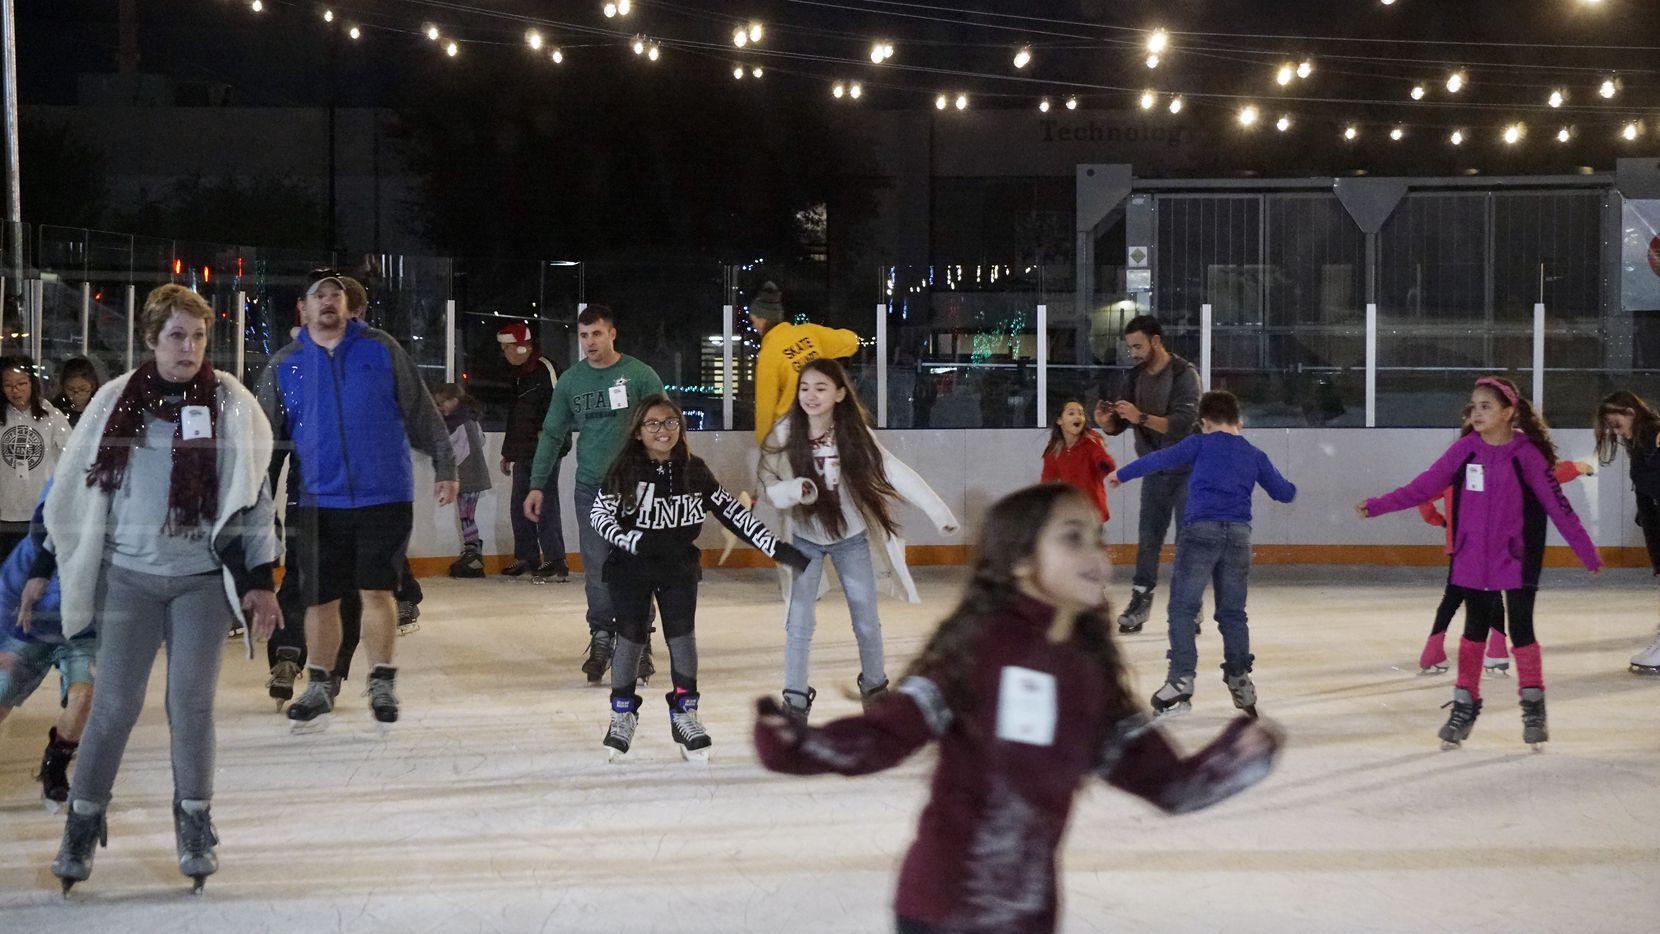 La pista de patinaje sobre hielo en Branch en Farmers Branch.